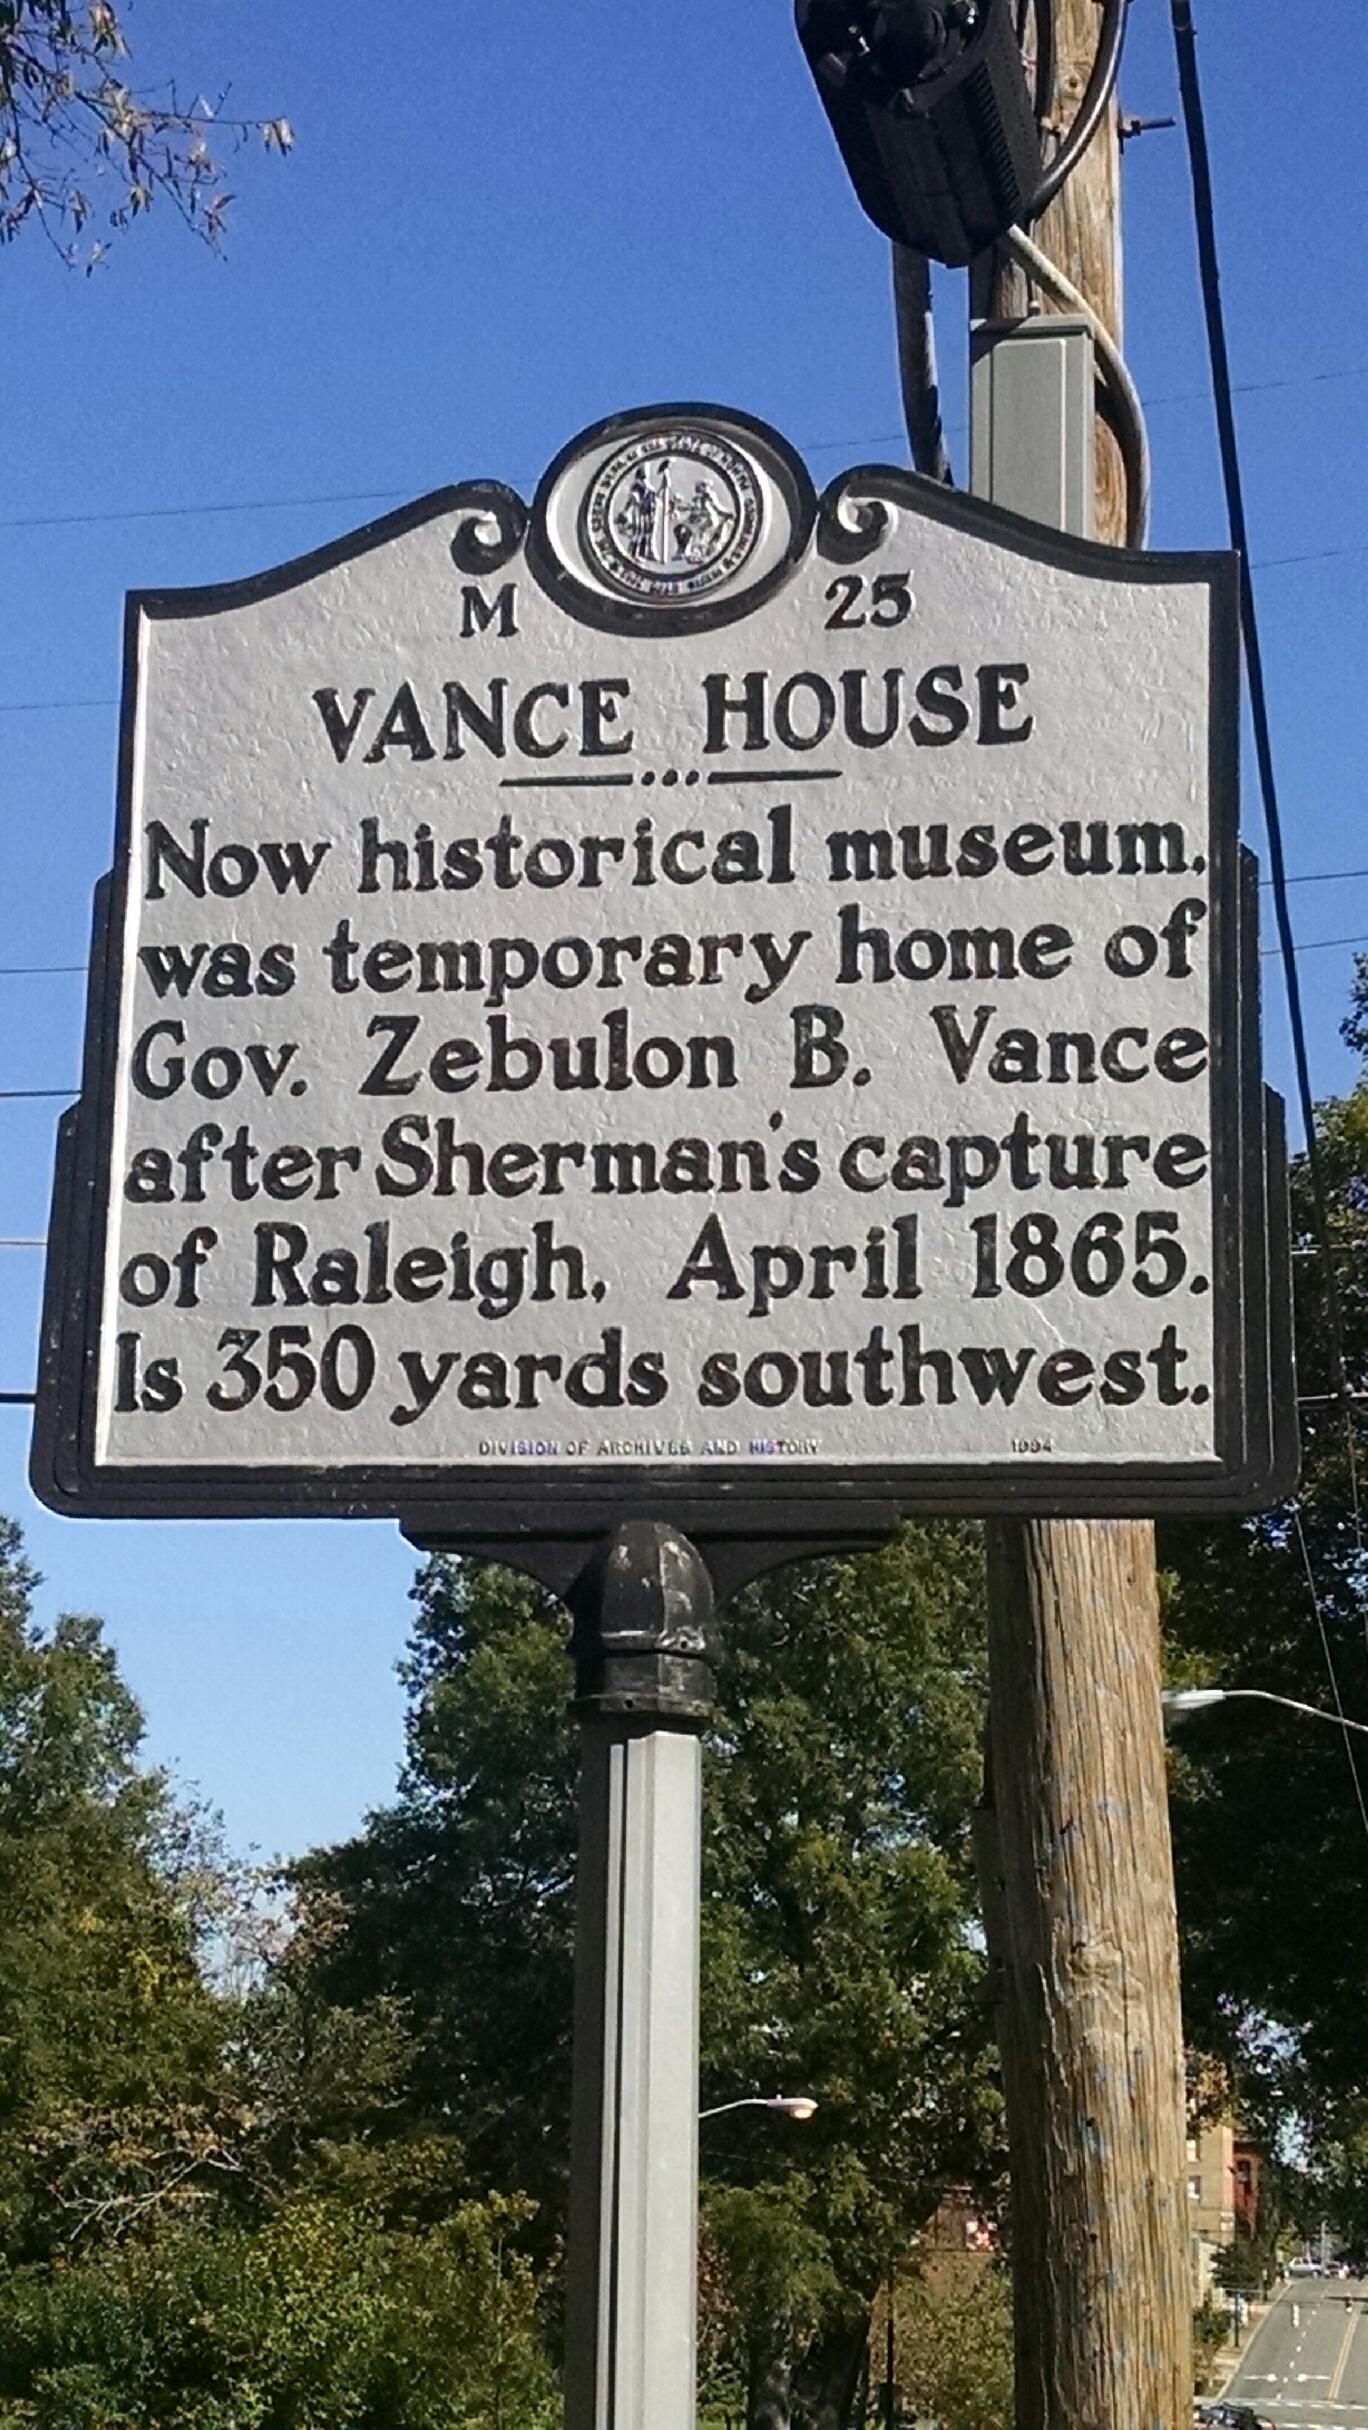 Vance House Historical Marker